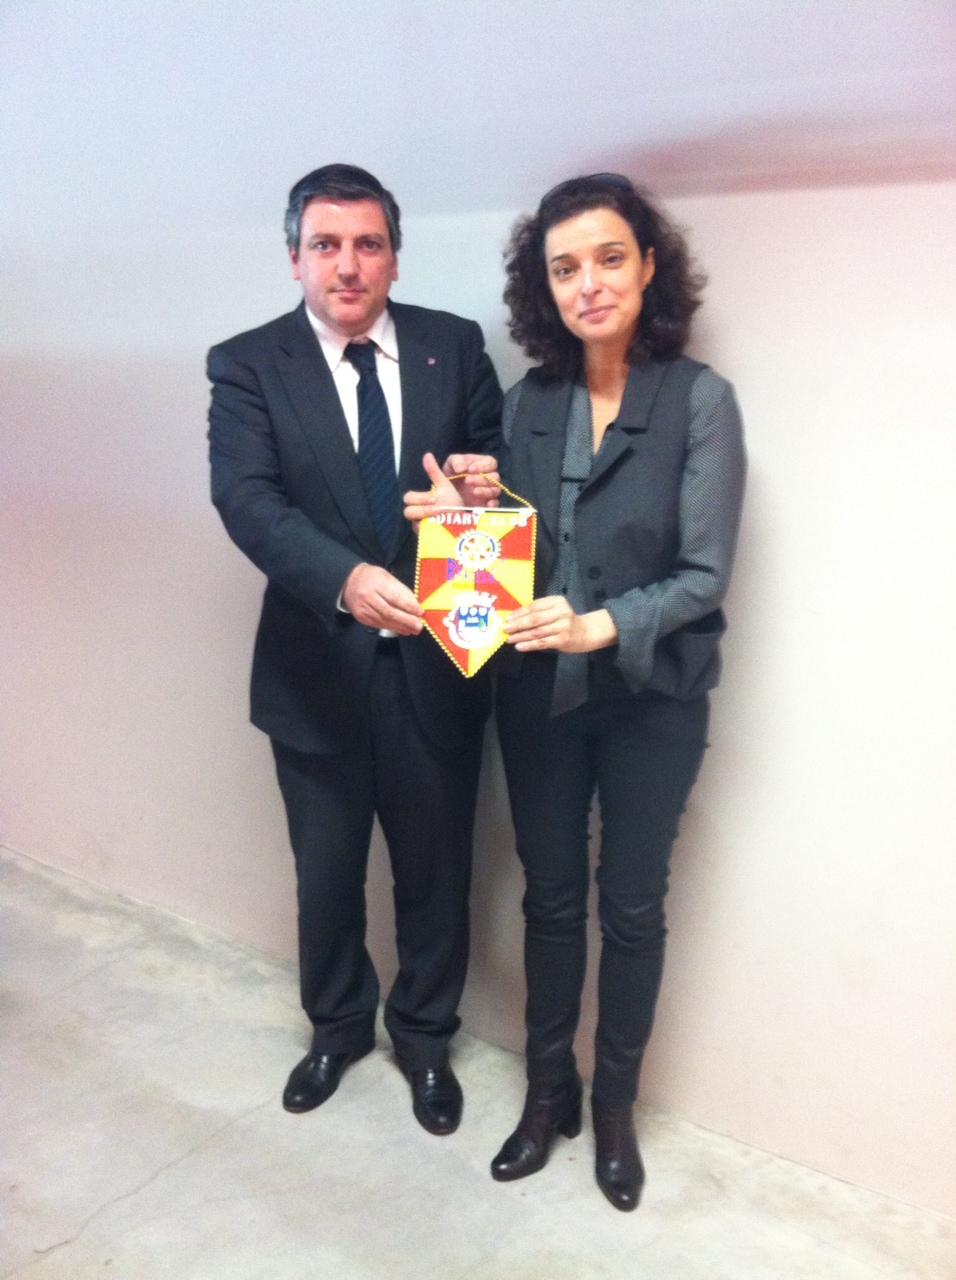 Presidente do Rotary Club de Barcelos, Miguel Marote Henriques, entrrga flâmula à cientista e vencedora do Prémio Pessoa 2013, Professora Maria Manuel Mota